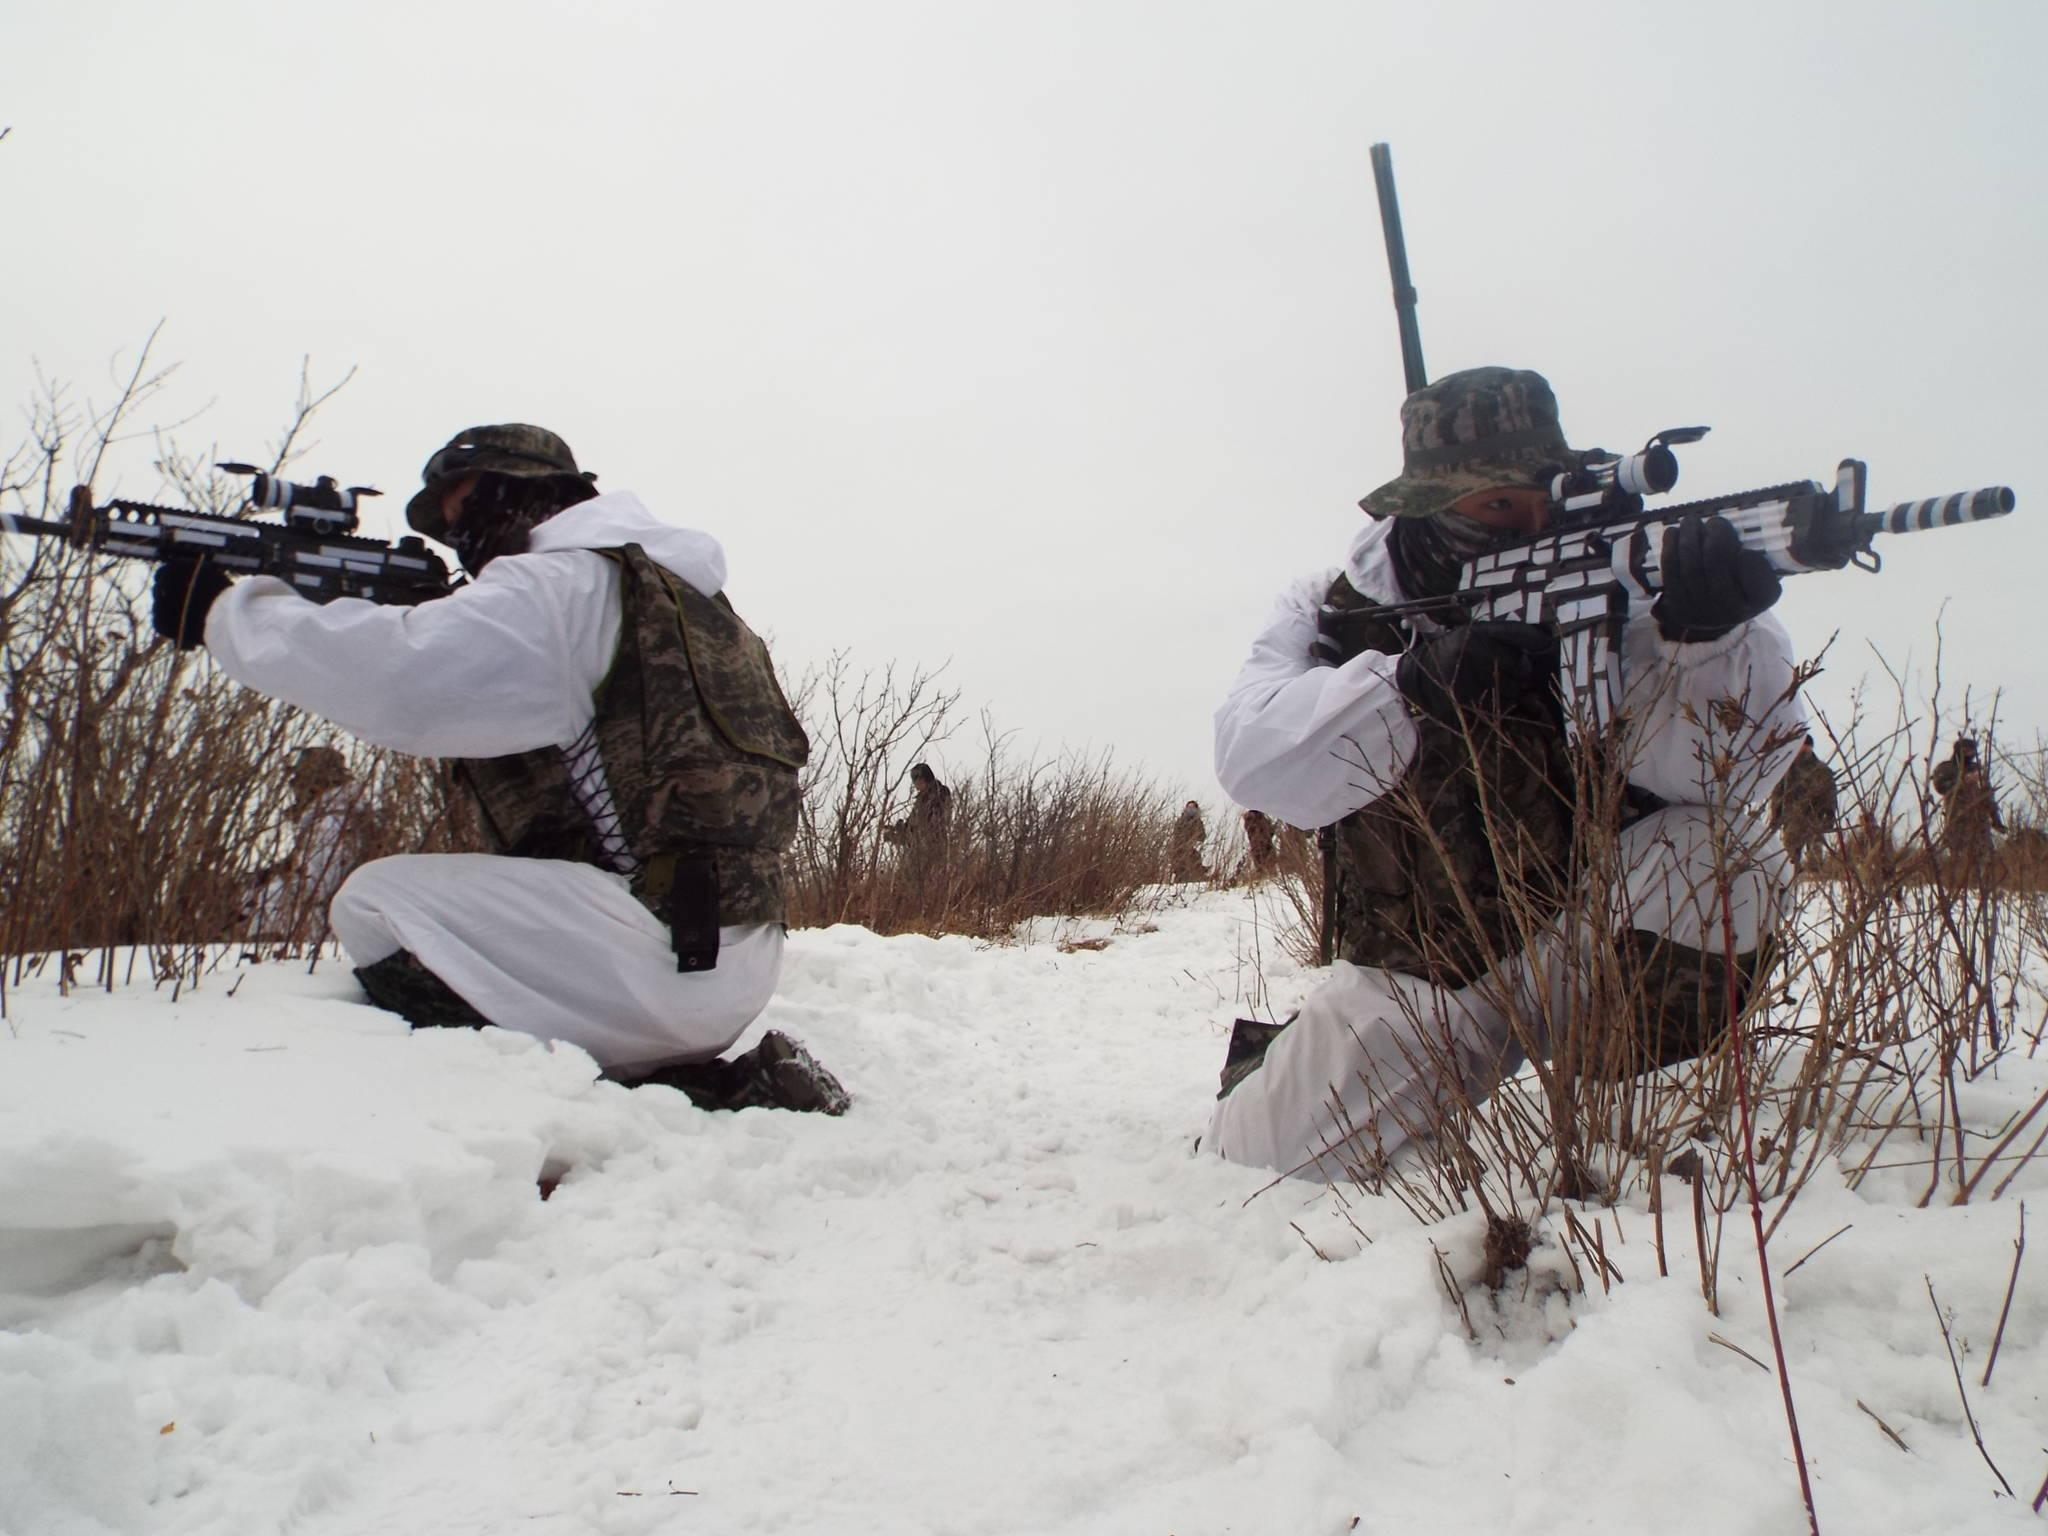 한ㆍ미 해병대 연합 겨울 설한지 훈련에 참가한 해병 수색부대원들이 적진 침투 상황 훈련을 하고 있다. [사진 해병대]